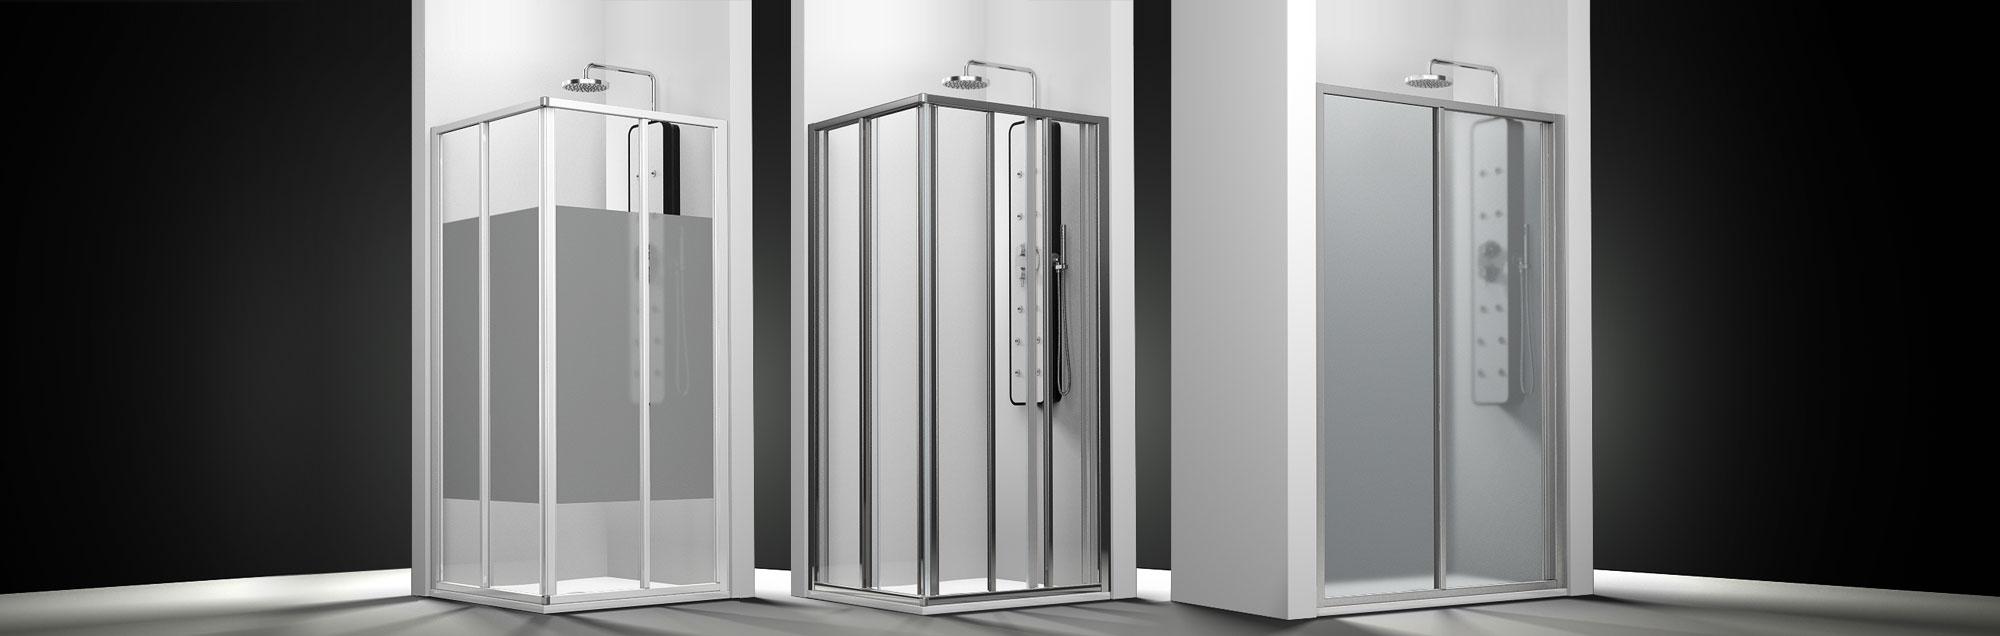 Serie Ecodux de mamparas correderas de ducha a medida